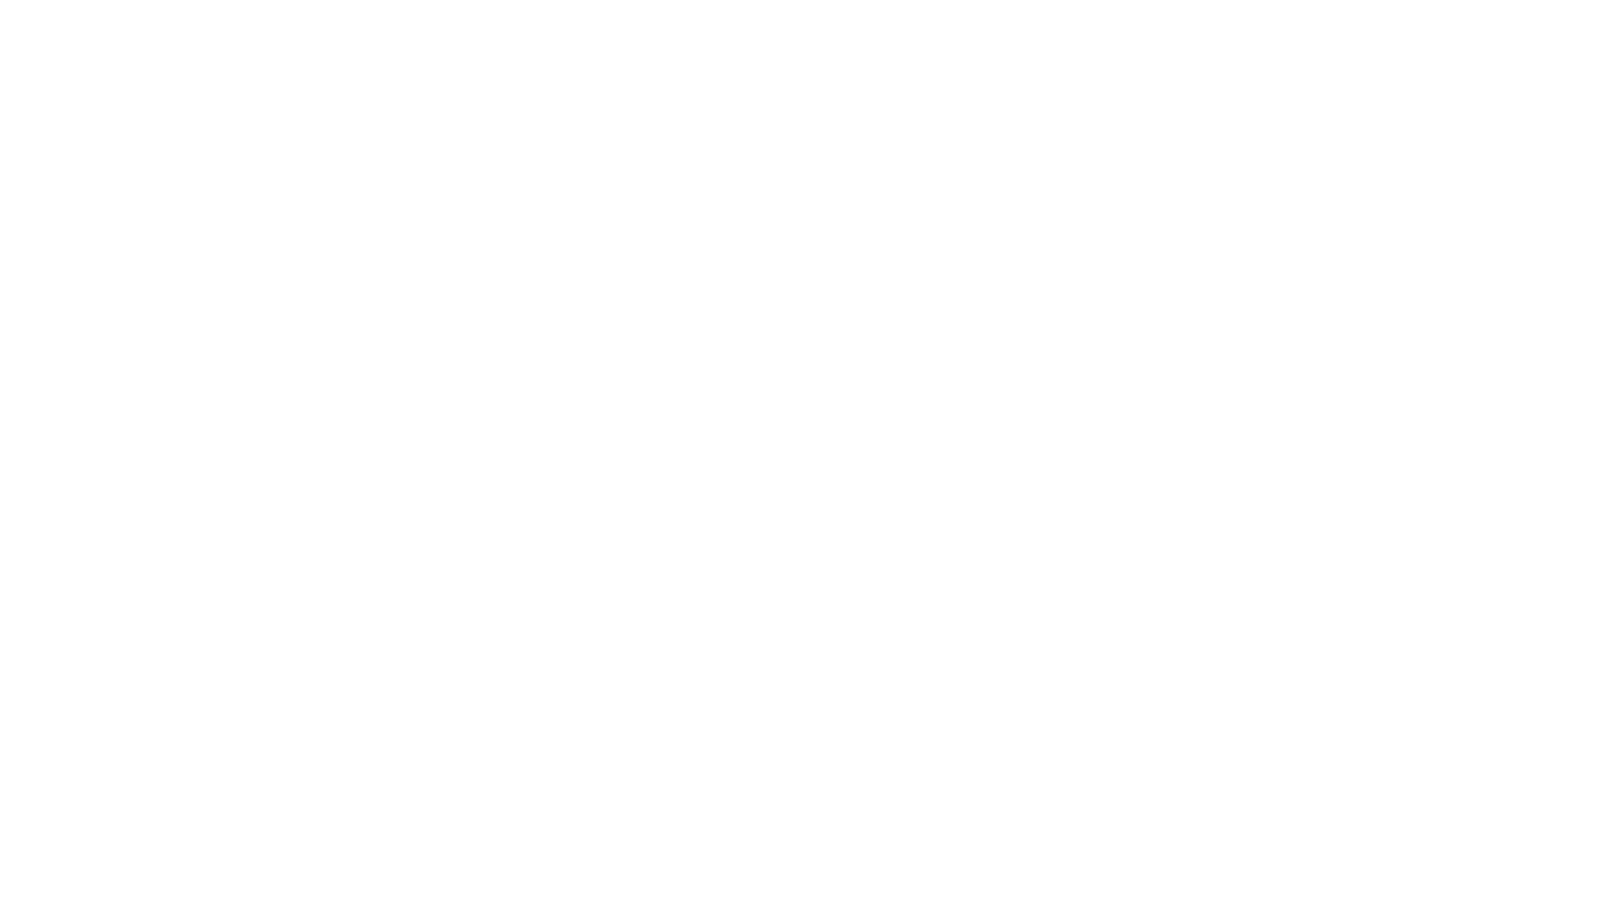 ヘッドユニット  トヨタ純正ナビゲーション フロントスピーカー ブルームーンオーディオ AX165 プロセッサーアンプ オーディソン AP4.9bit サブウーファー オーディソン APBX8